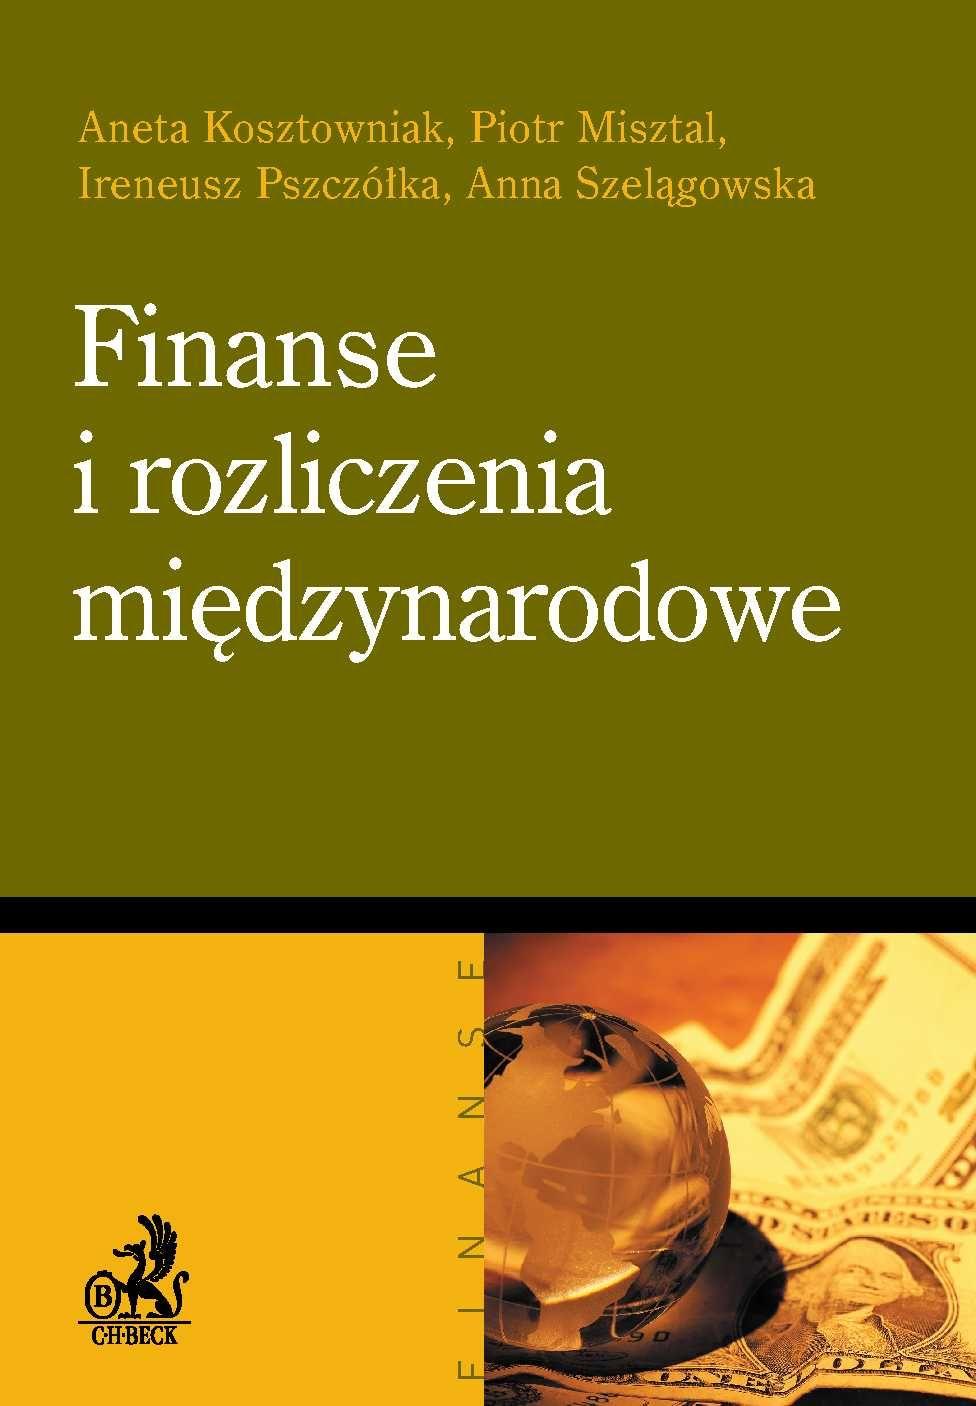 Finanse i rozliczenia międzynarodowe - Ebook (Książka PDF) do pobrania w formacie PDF